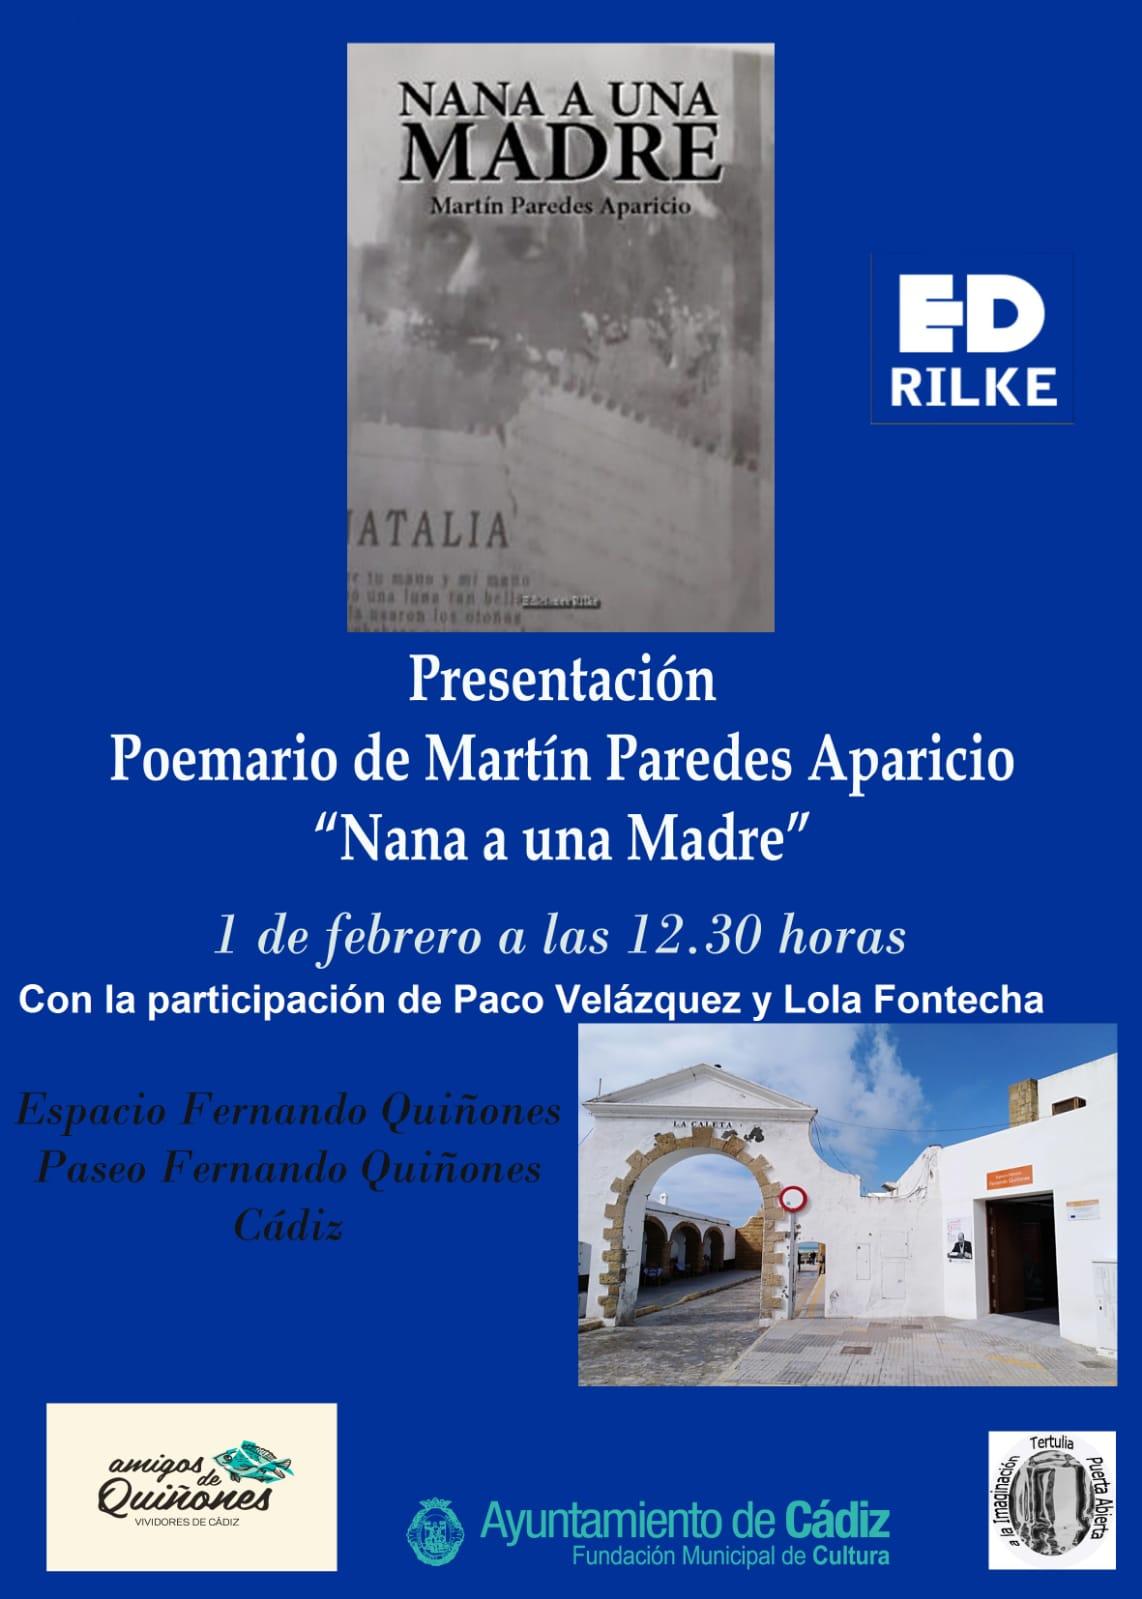 - CartelNANA - Presentación de NANA A UNA MADRE de Martín Paredes Aparicio 1 de Febrero a las 12:30